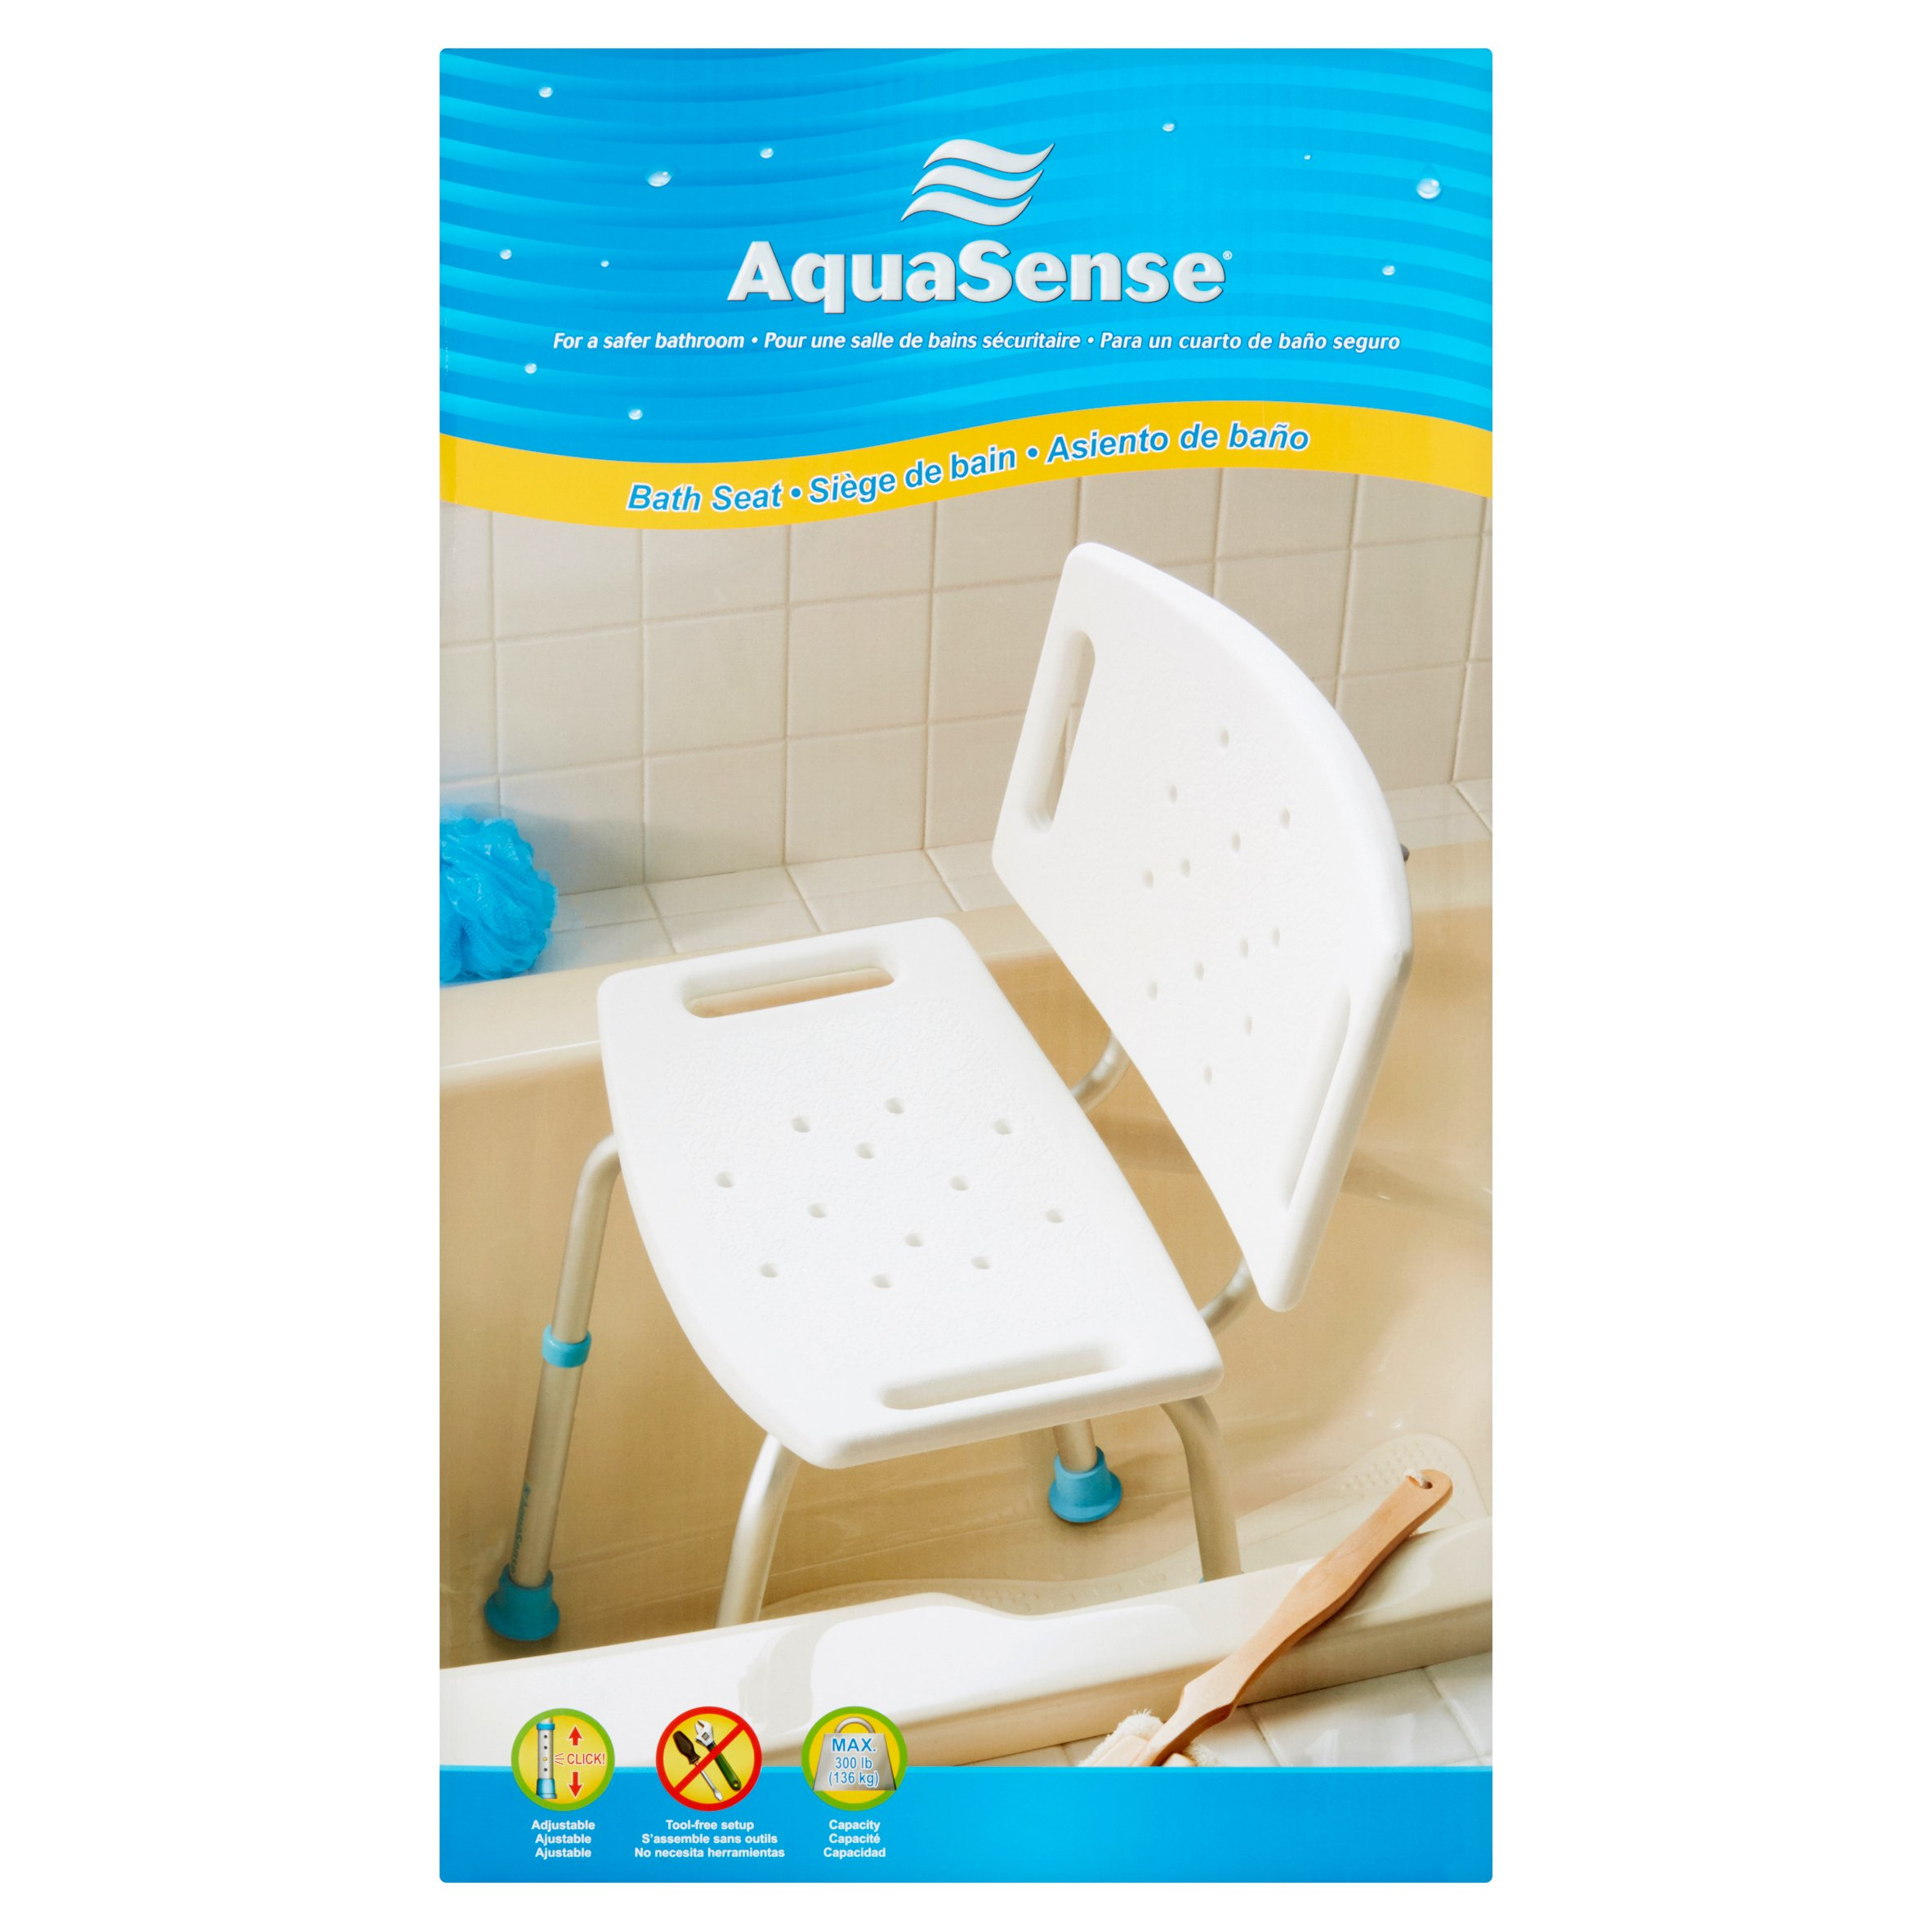 AquaSense Bath Seat - Walmart.com